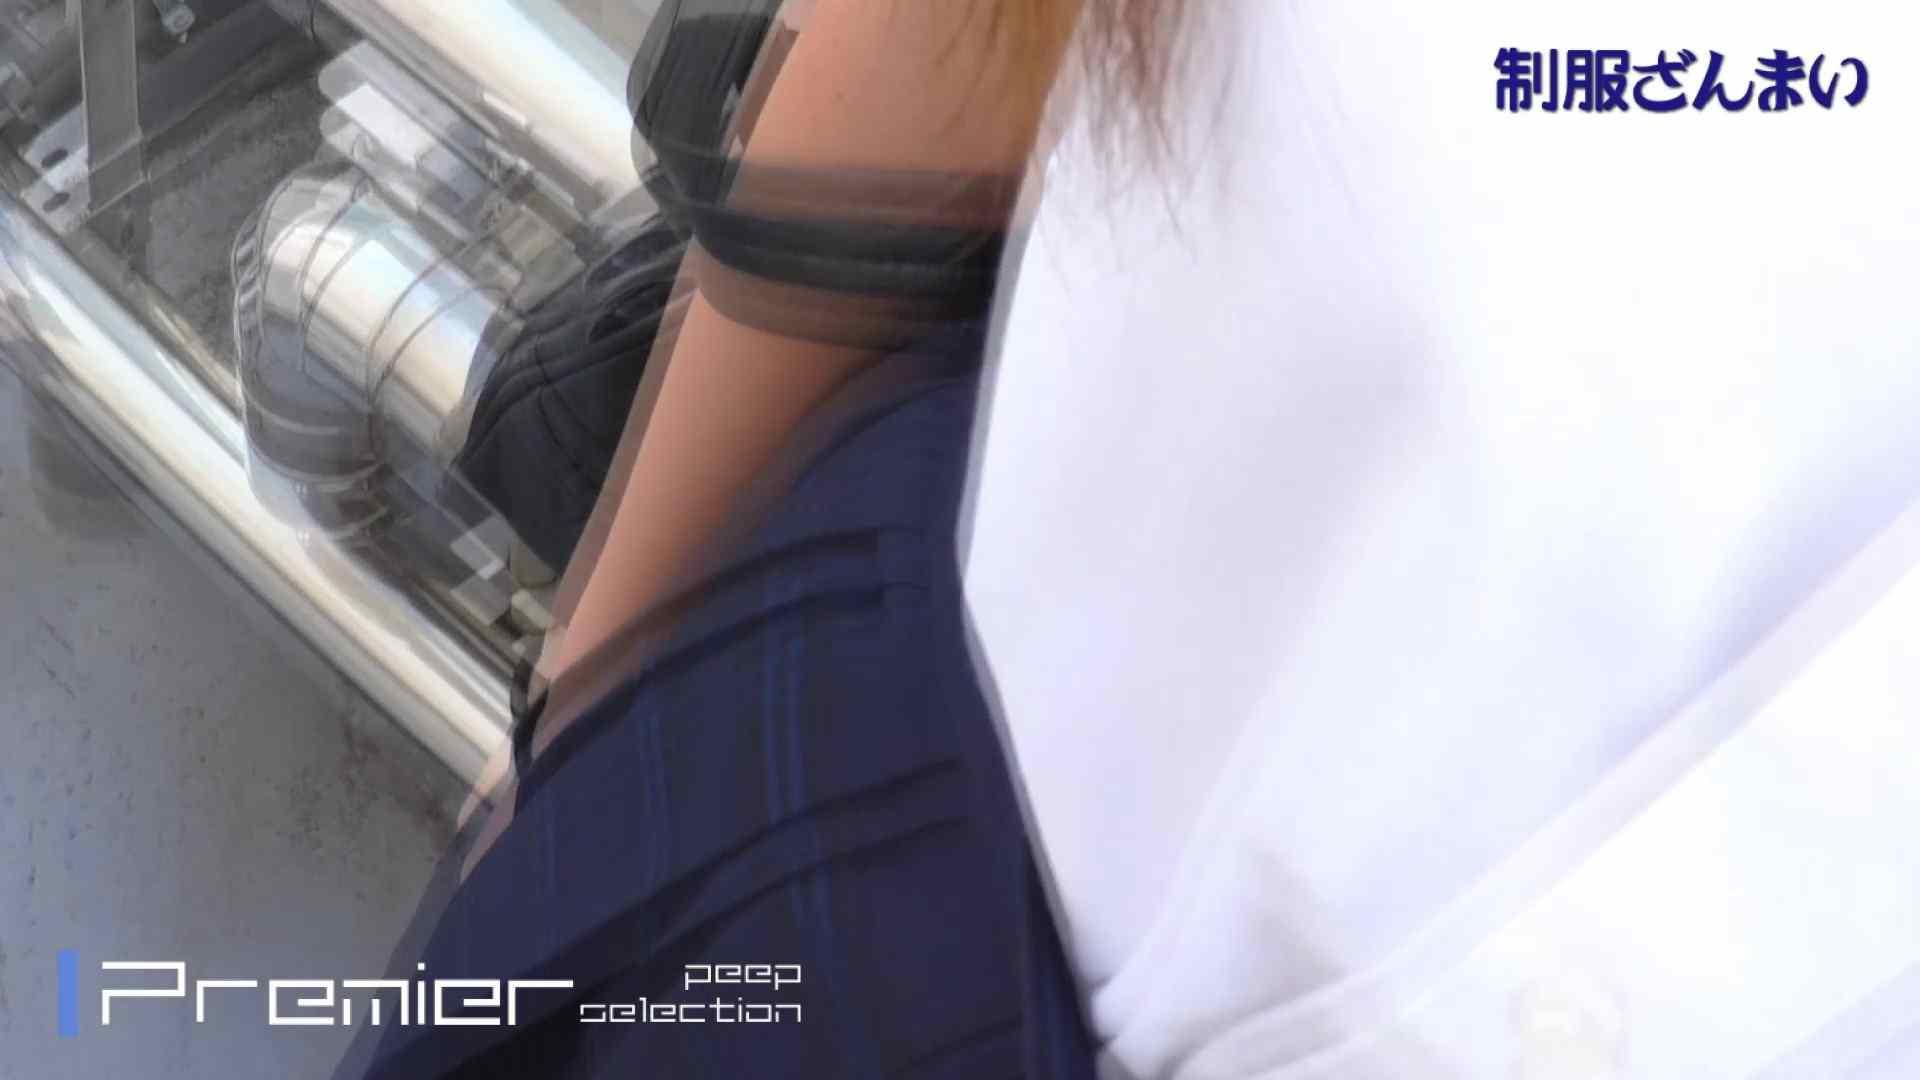 パンツを売る女 Vol.24 可愛い制月反ギャルの大胆SEX 前編 丸見え アダルト動画キャプチャ 112枚 3